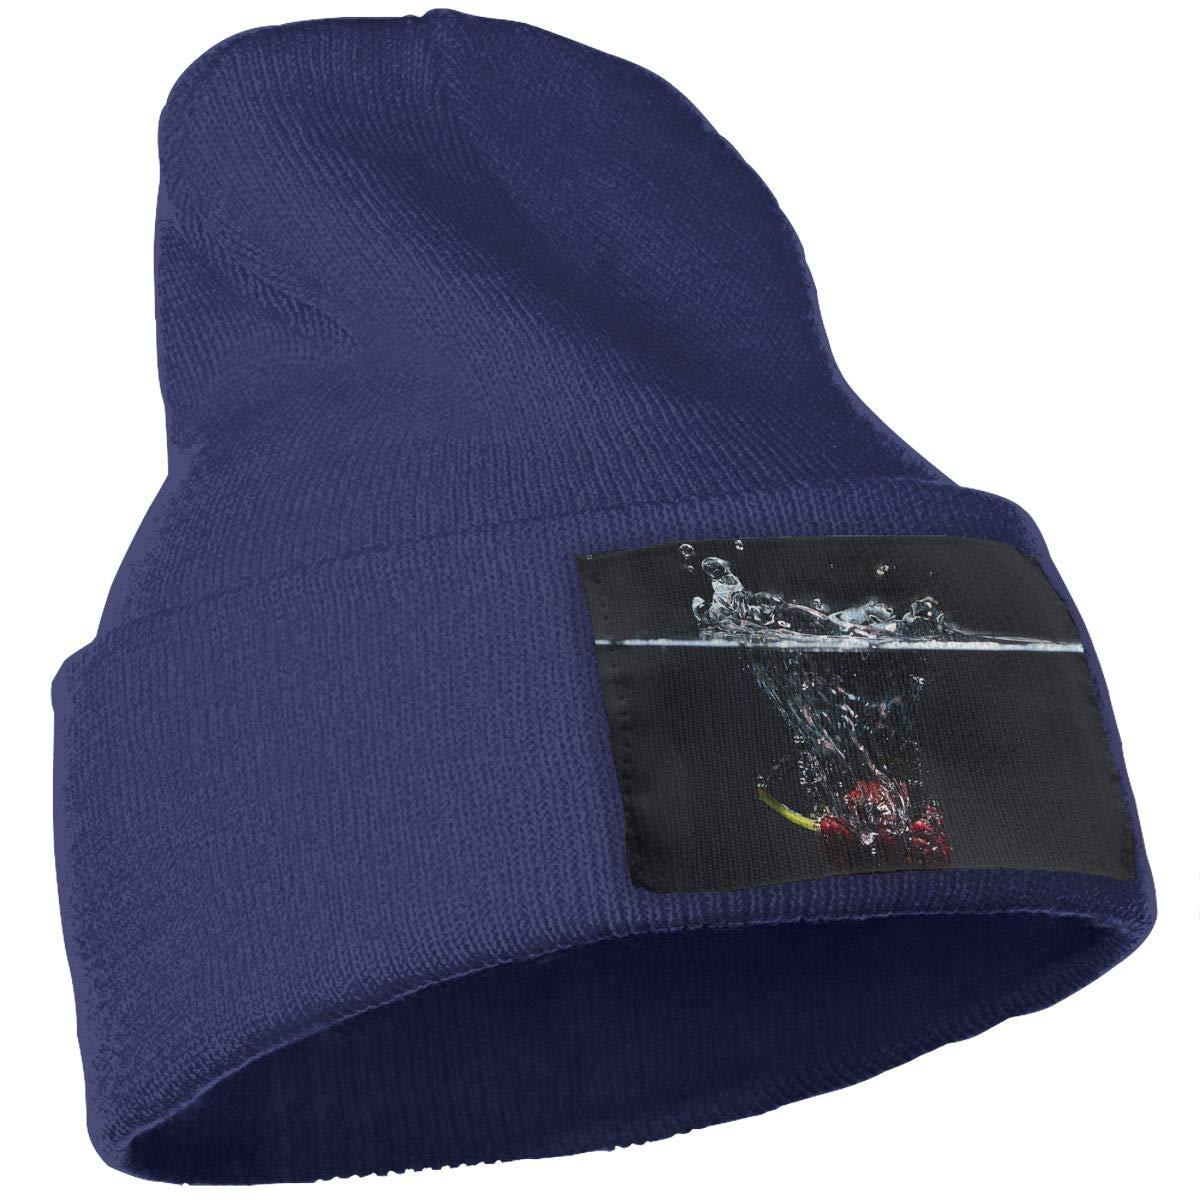 .jpg Beanie Hat Wool Skull Caps for Women Men 4 Poii Qon Timg